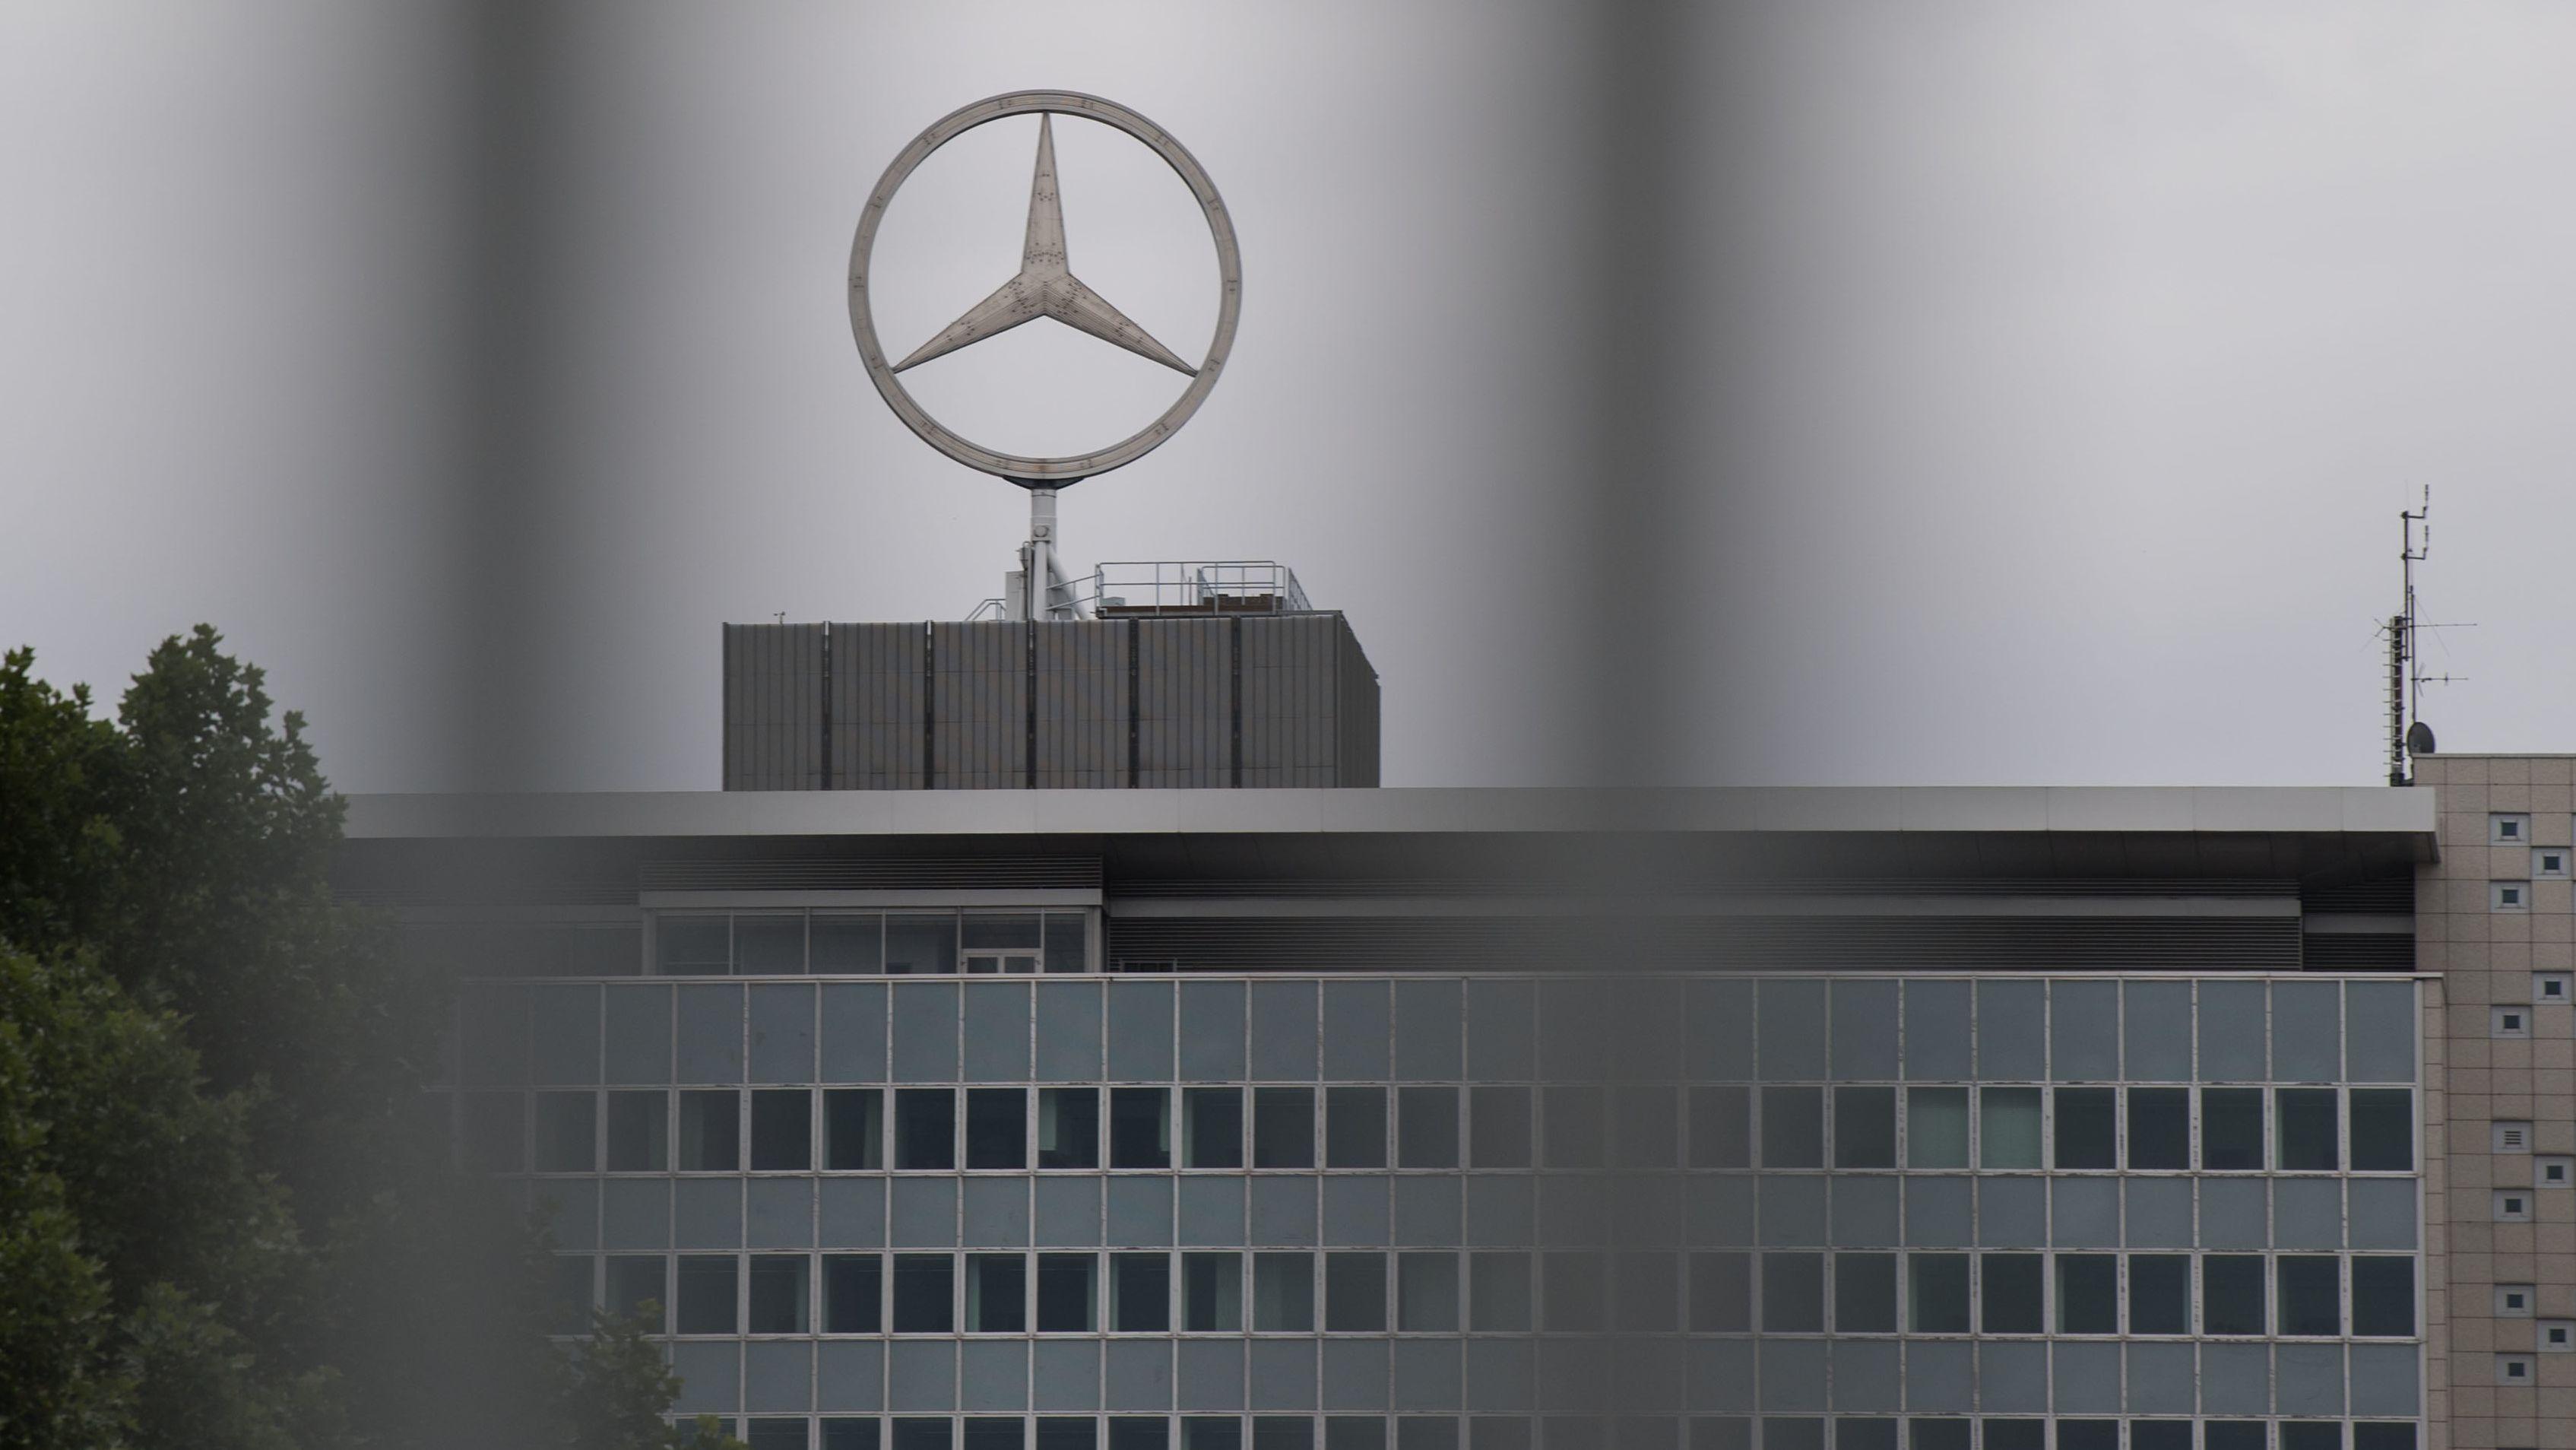 Das Logo der Automarke Mercedes-Benz  ist auf einem Gebäude des Werks Untertürkheim zu sehen.